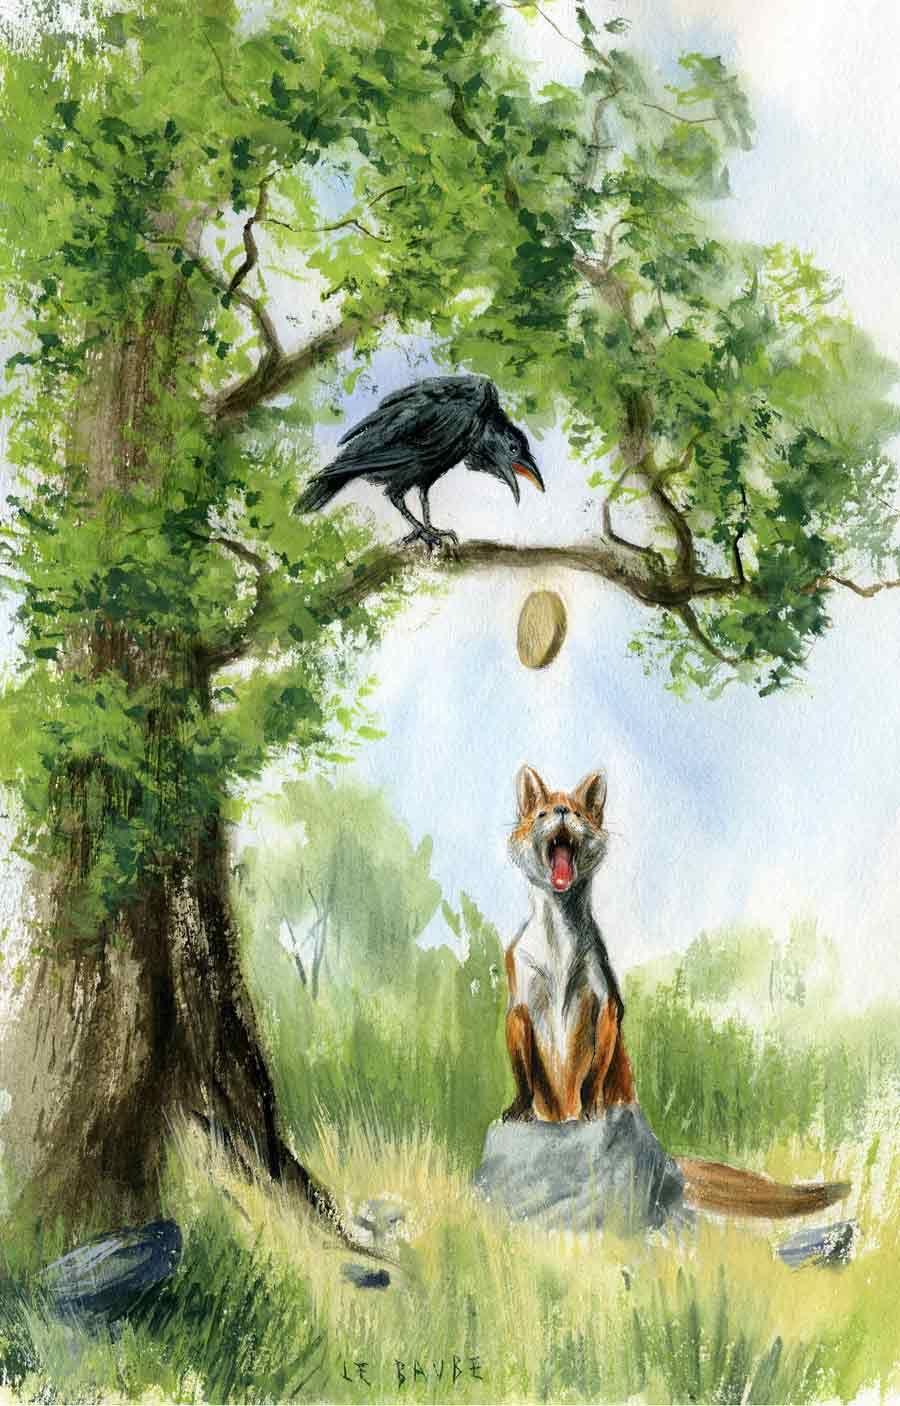 Le corbeau et le renard il ouvre un large bec laisse tomber sa proie les fables de la - Coloriage le corbeau et le renard ...